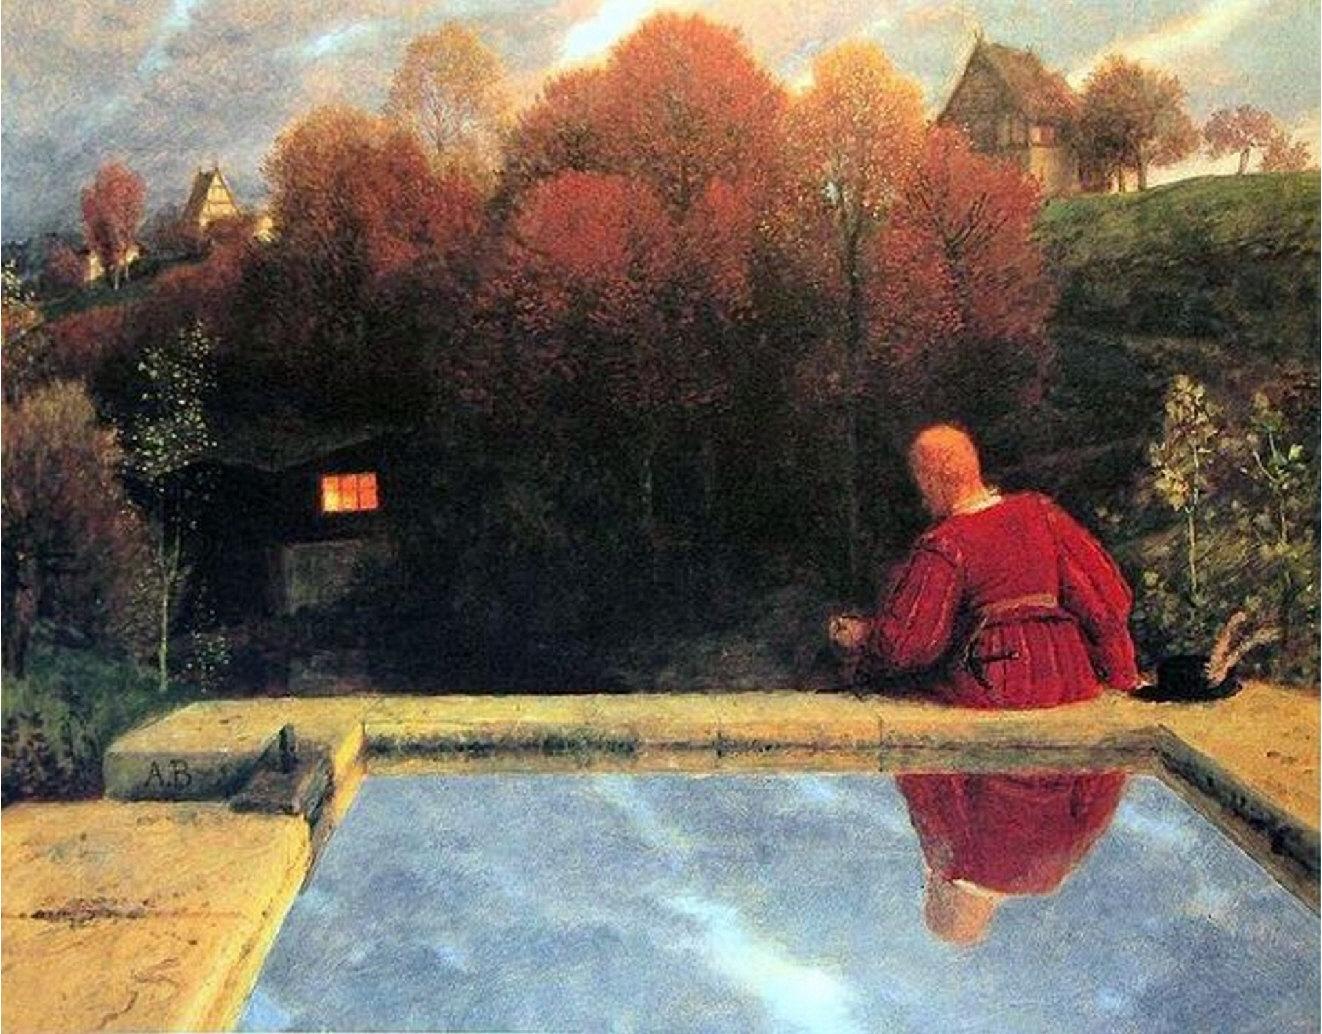 Arnold Böcklin Die Heimkehr in 1887 in the landscape of.